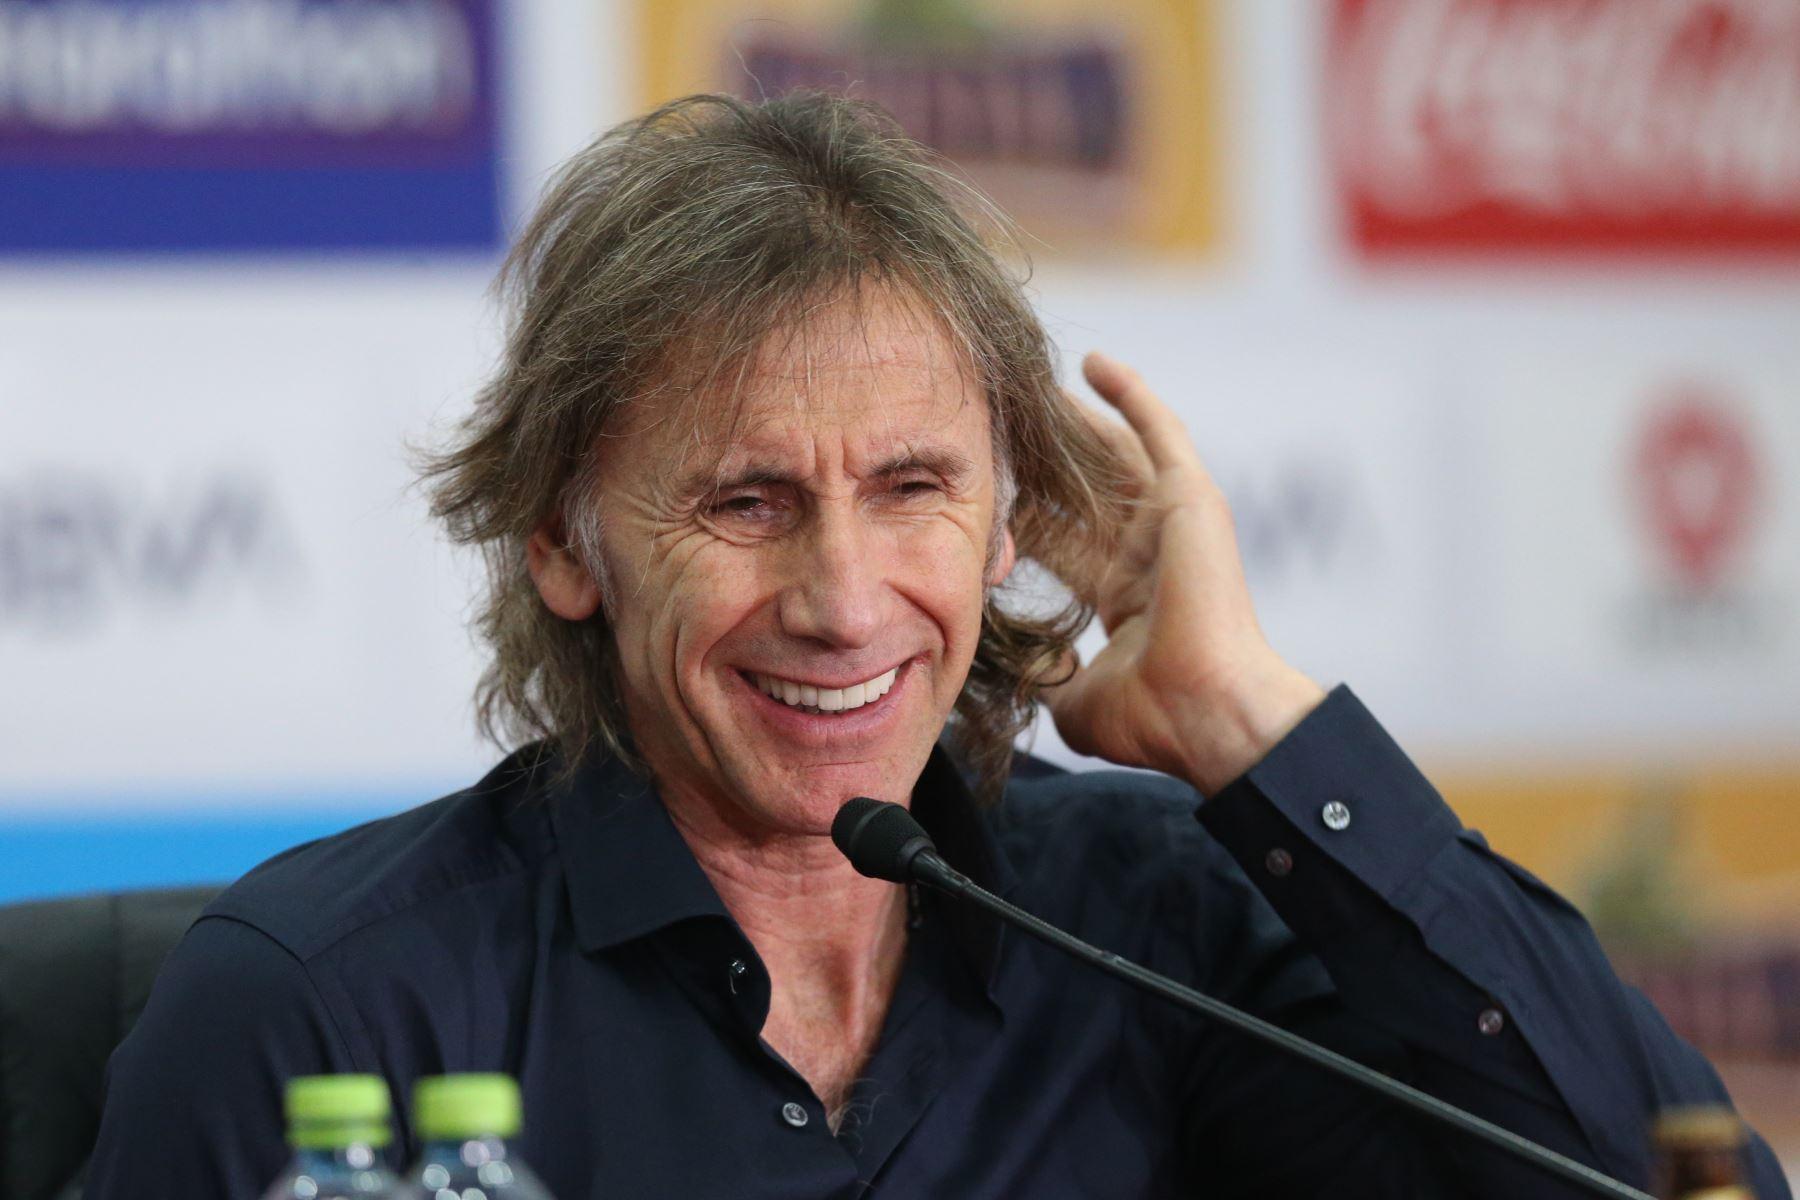 Conferencia de prensa del entrenador Ricardo Gareca sobre la participación de Perú en la Copa América. Foto: ANDINA/Norman Córdova